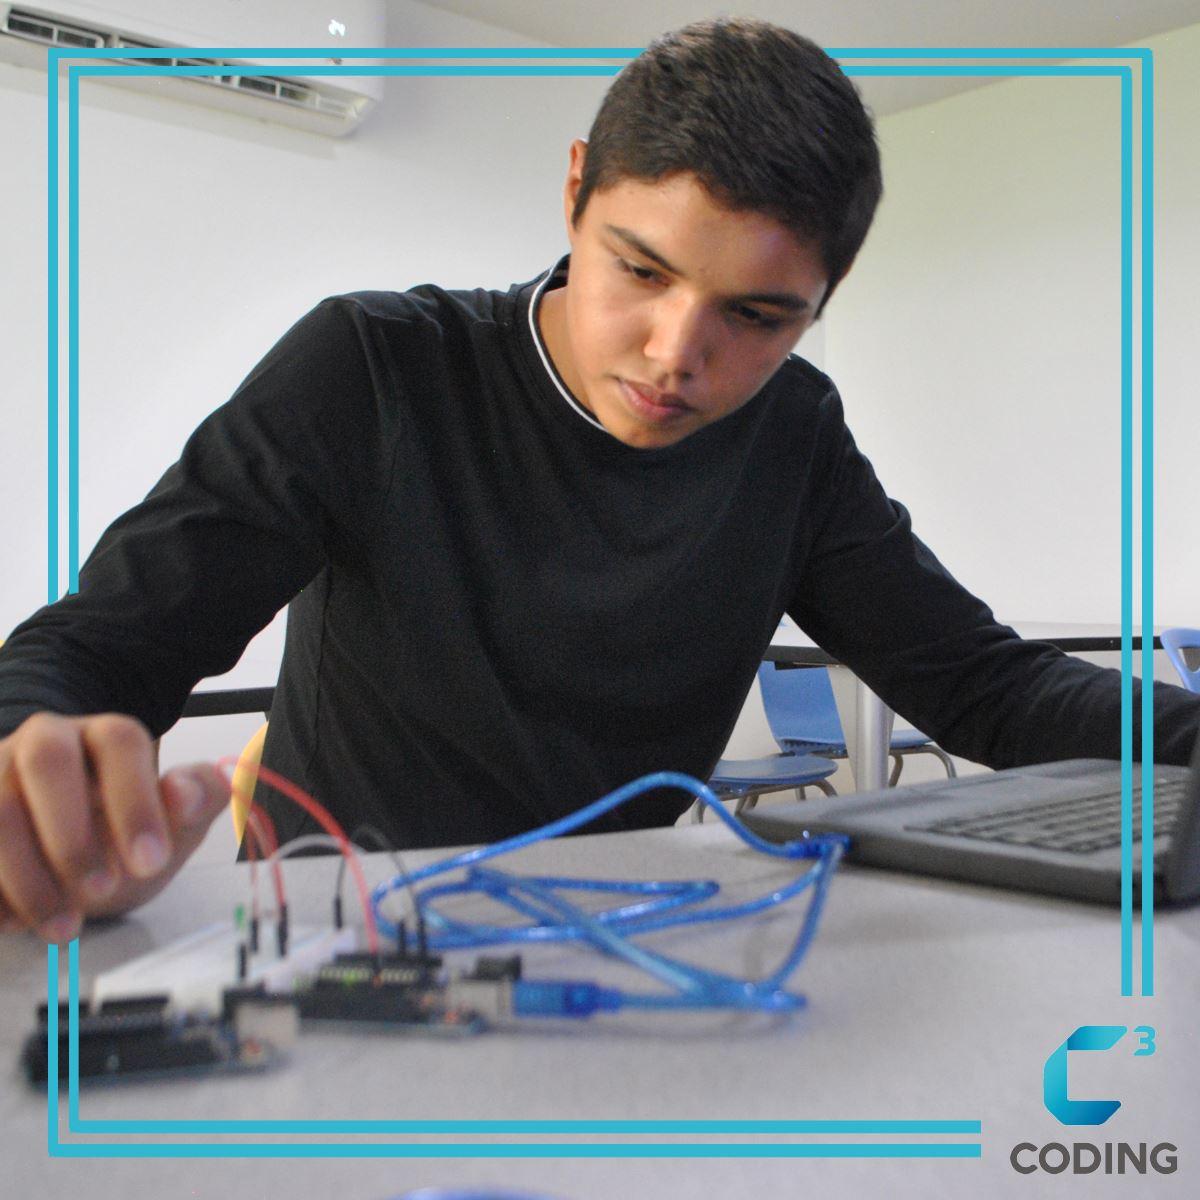 curso-c3-coding instituto educativo enfocado a desarrollar las mentes del mañana